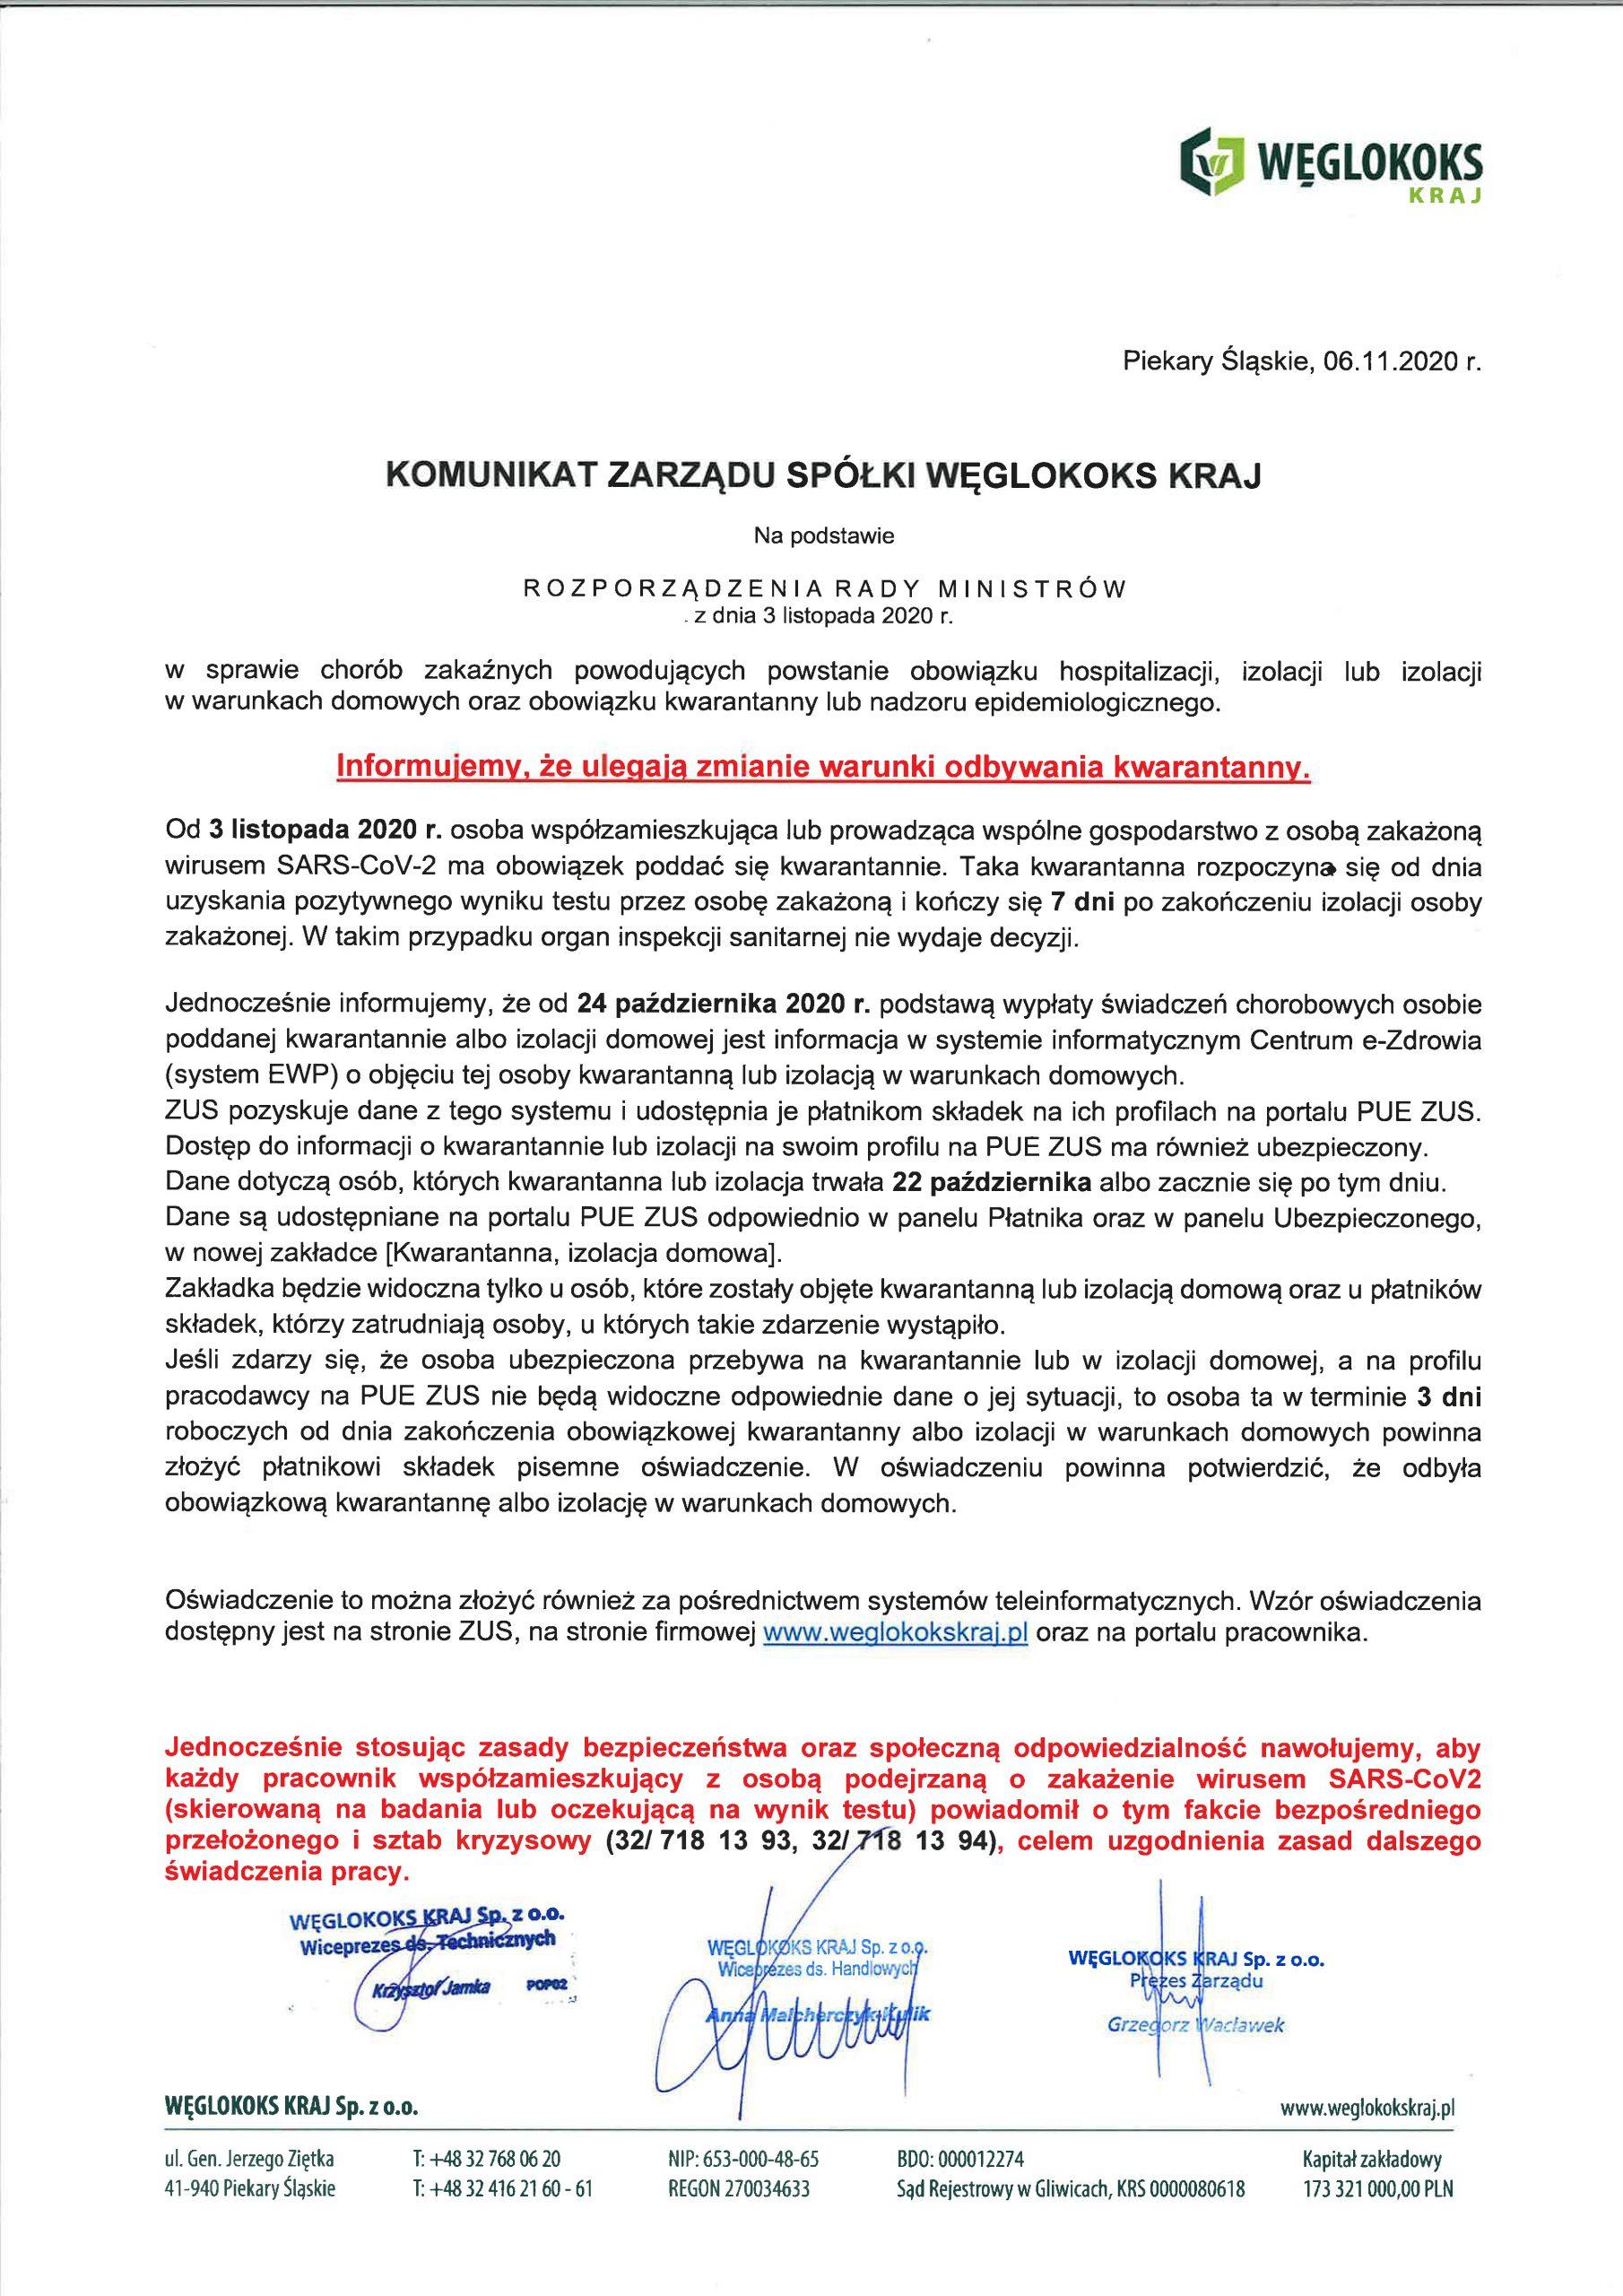 Komunikat Zarządu Spółki z dnia 06.11.2020